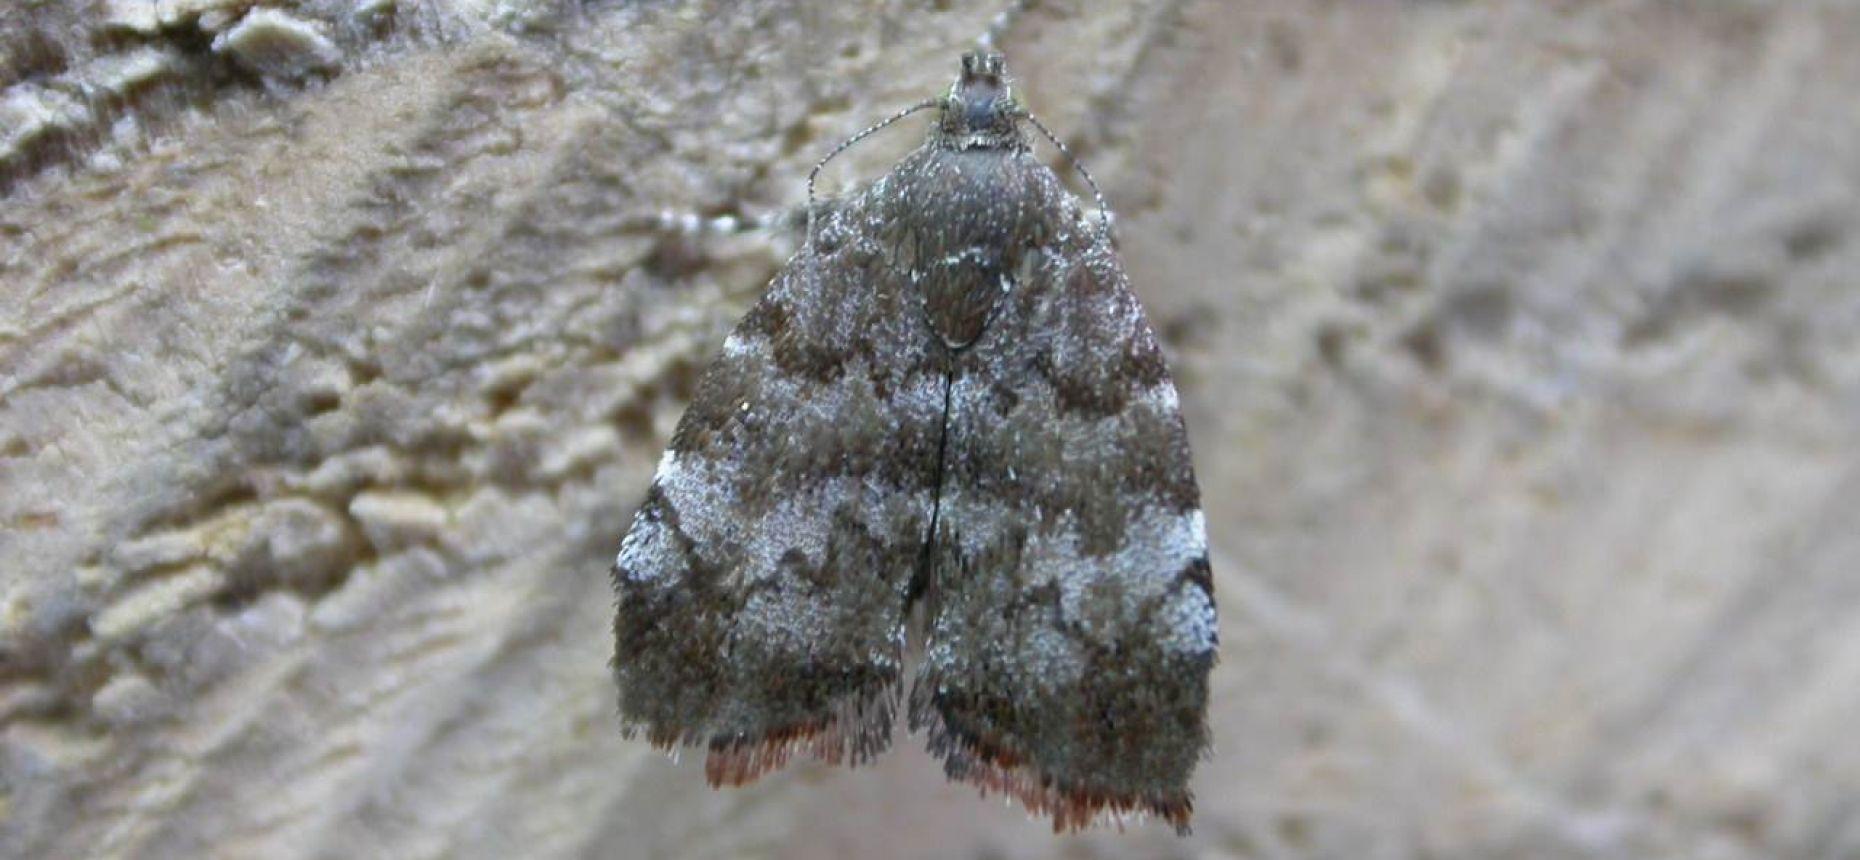 Плодовая моле-листовертка - Choreutis pariana Cl.